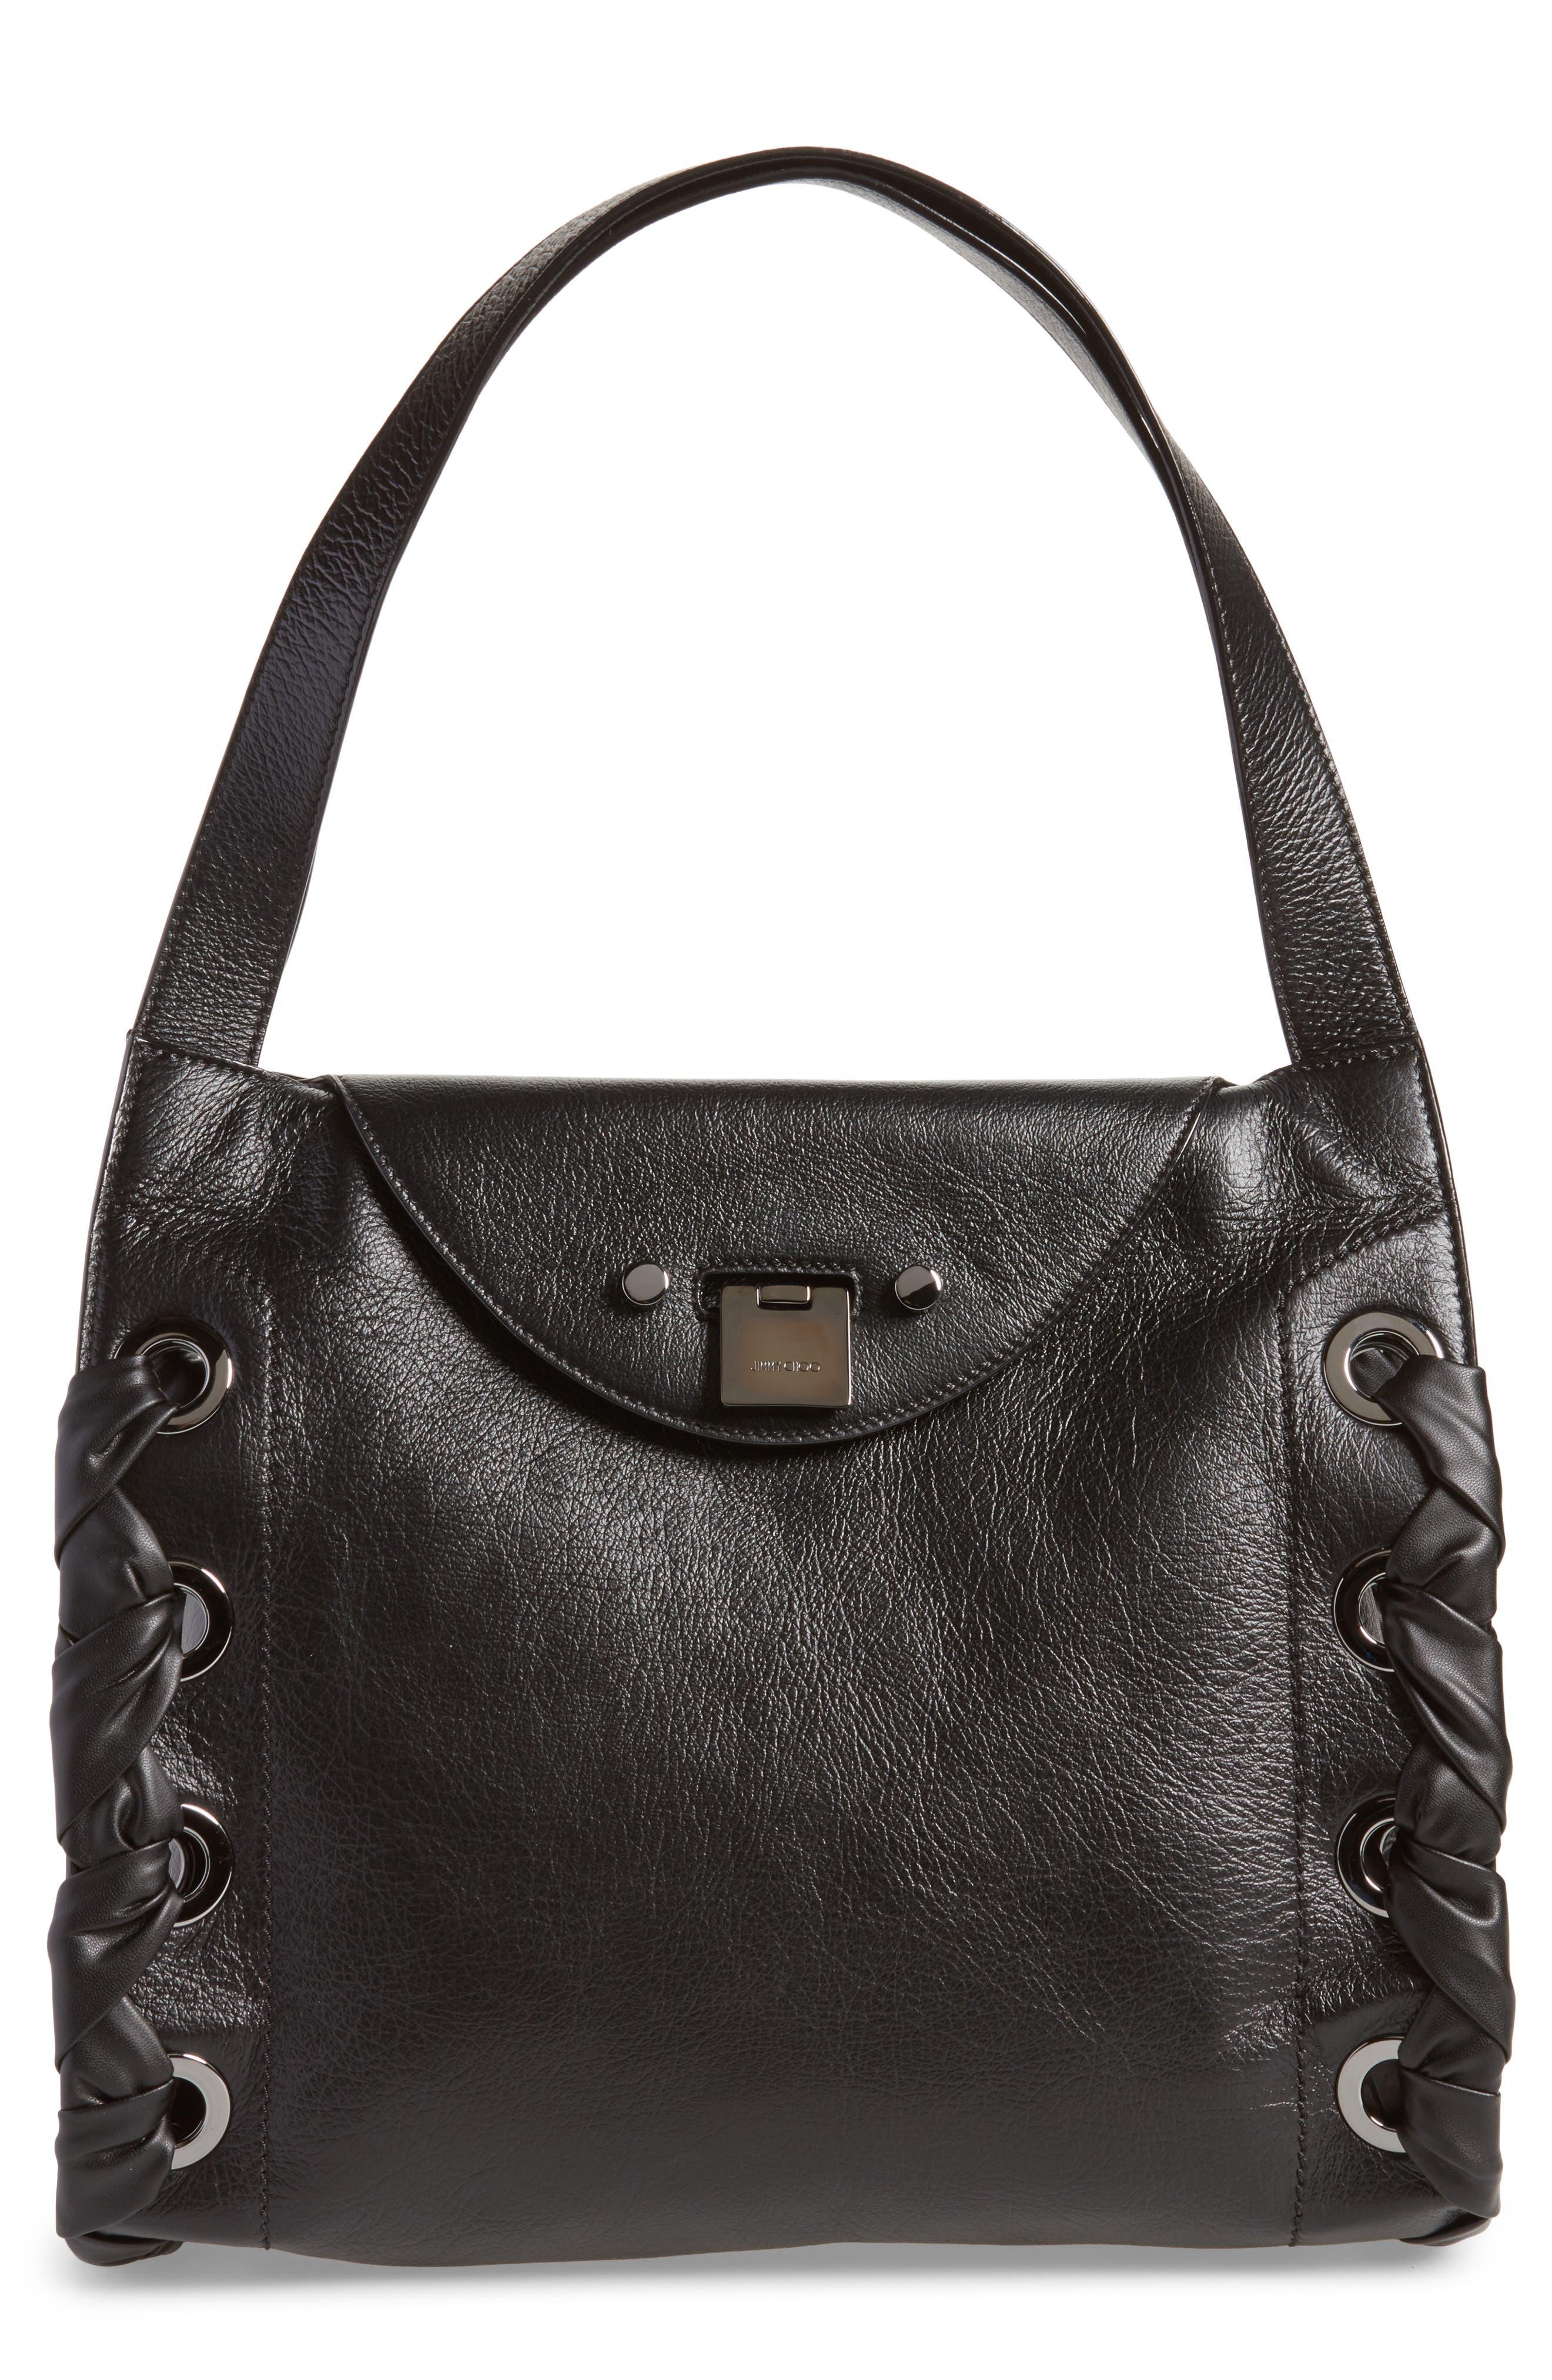 Rebel Leather Shoulder Bag,                             Main thumbnail 1, color,                             010